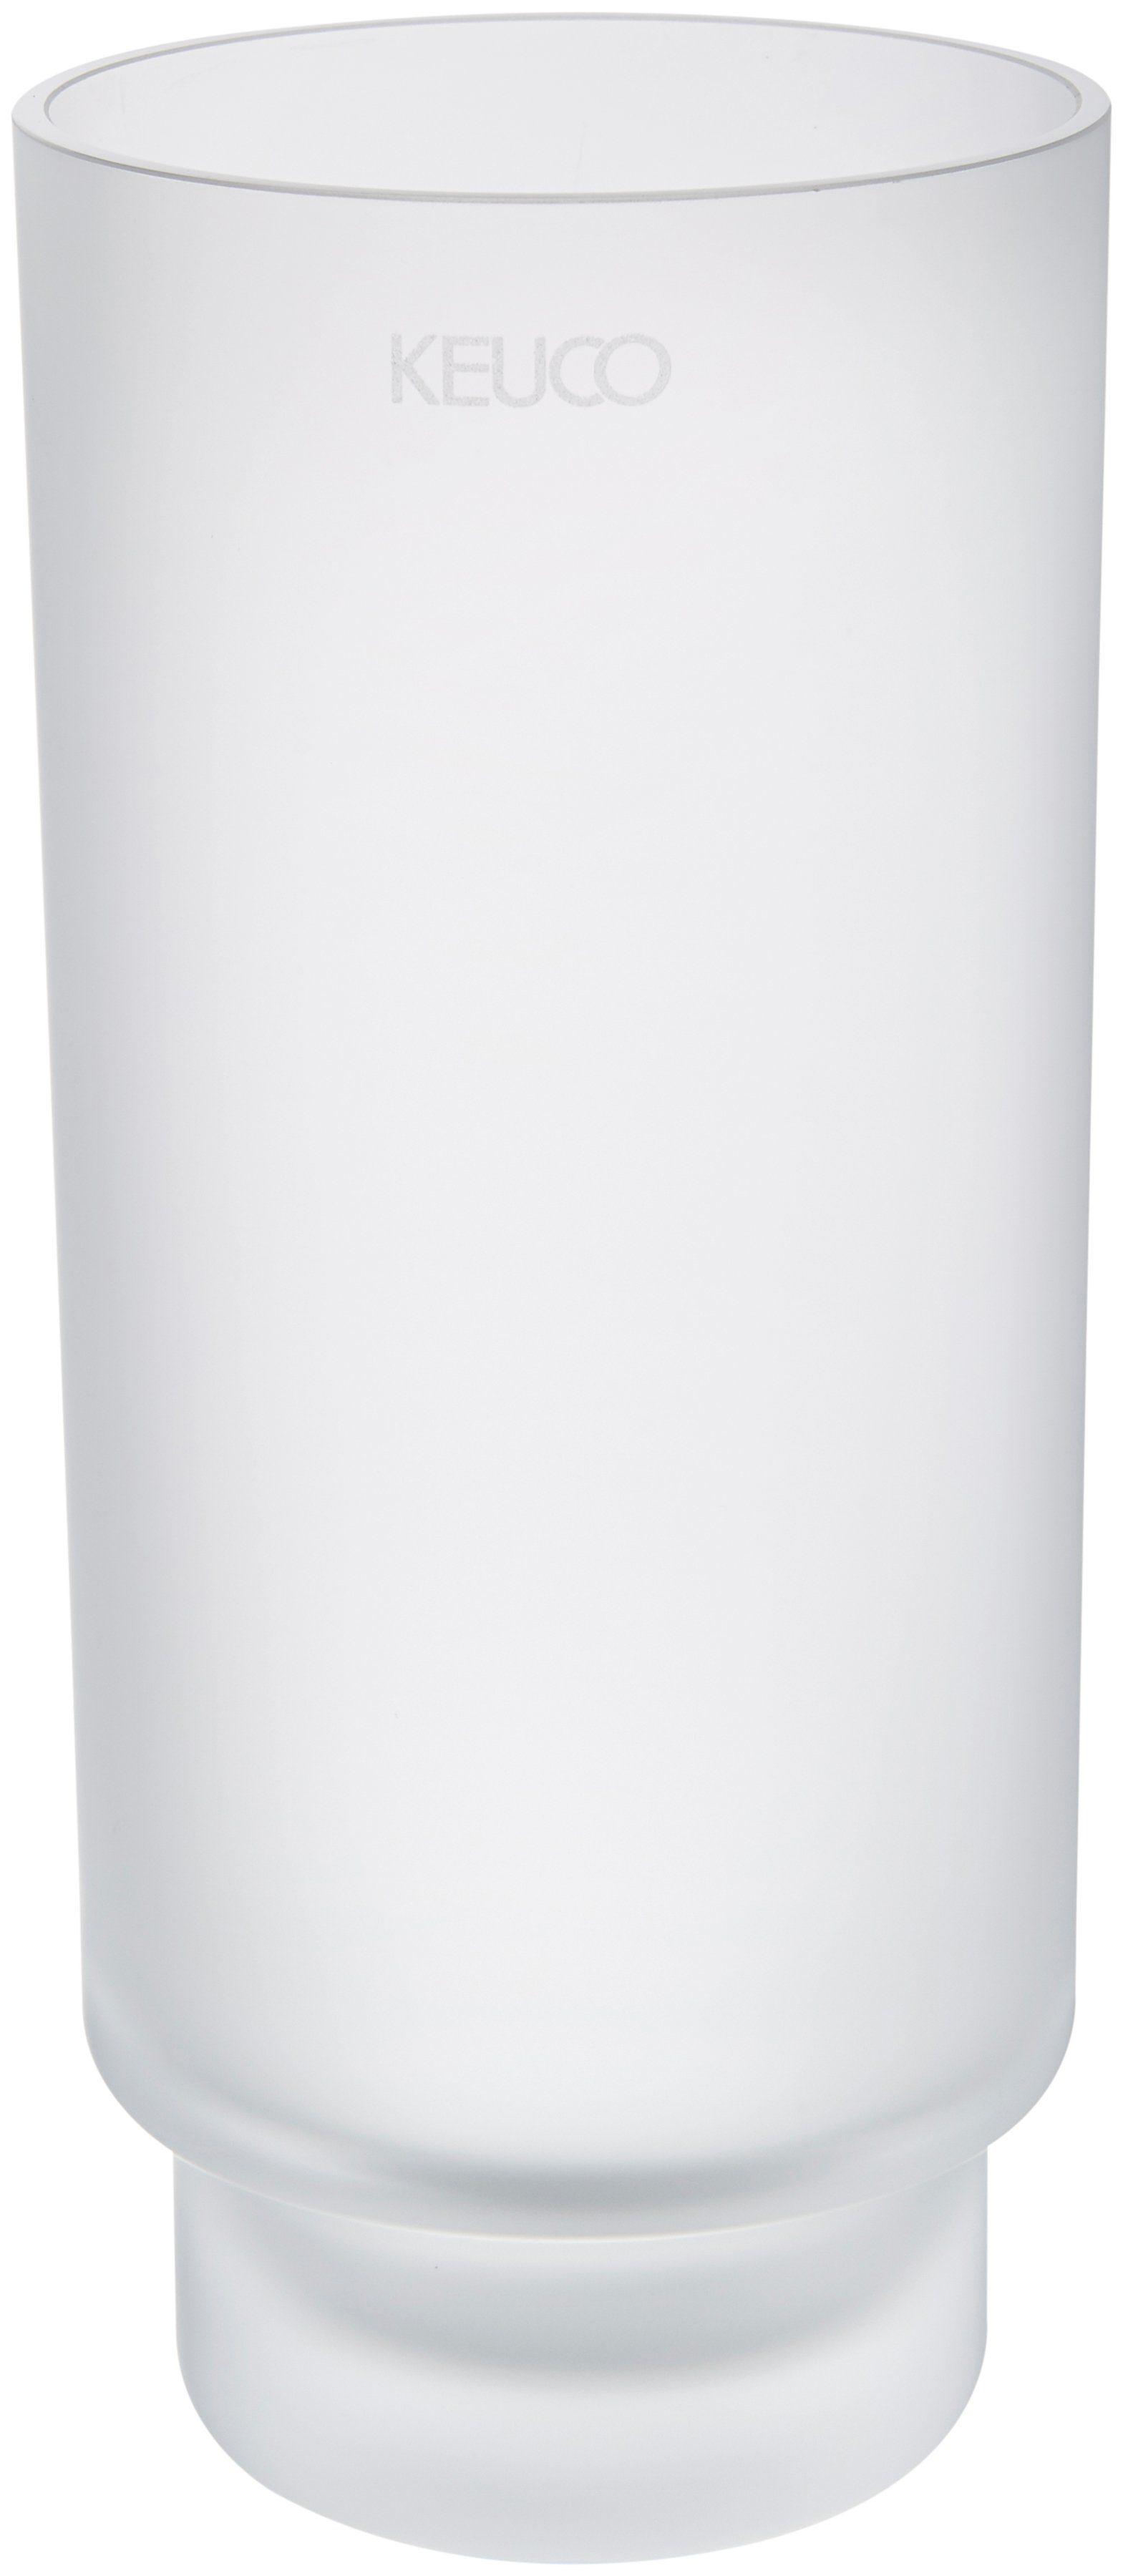 KEUCO Glaseinsatz »Edition 300«, Echtkristall-Ersatzeinsatz, mattiert, lose